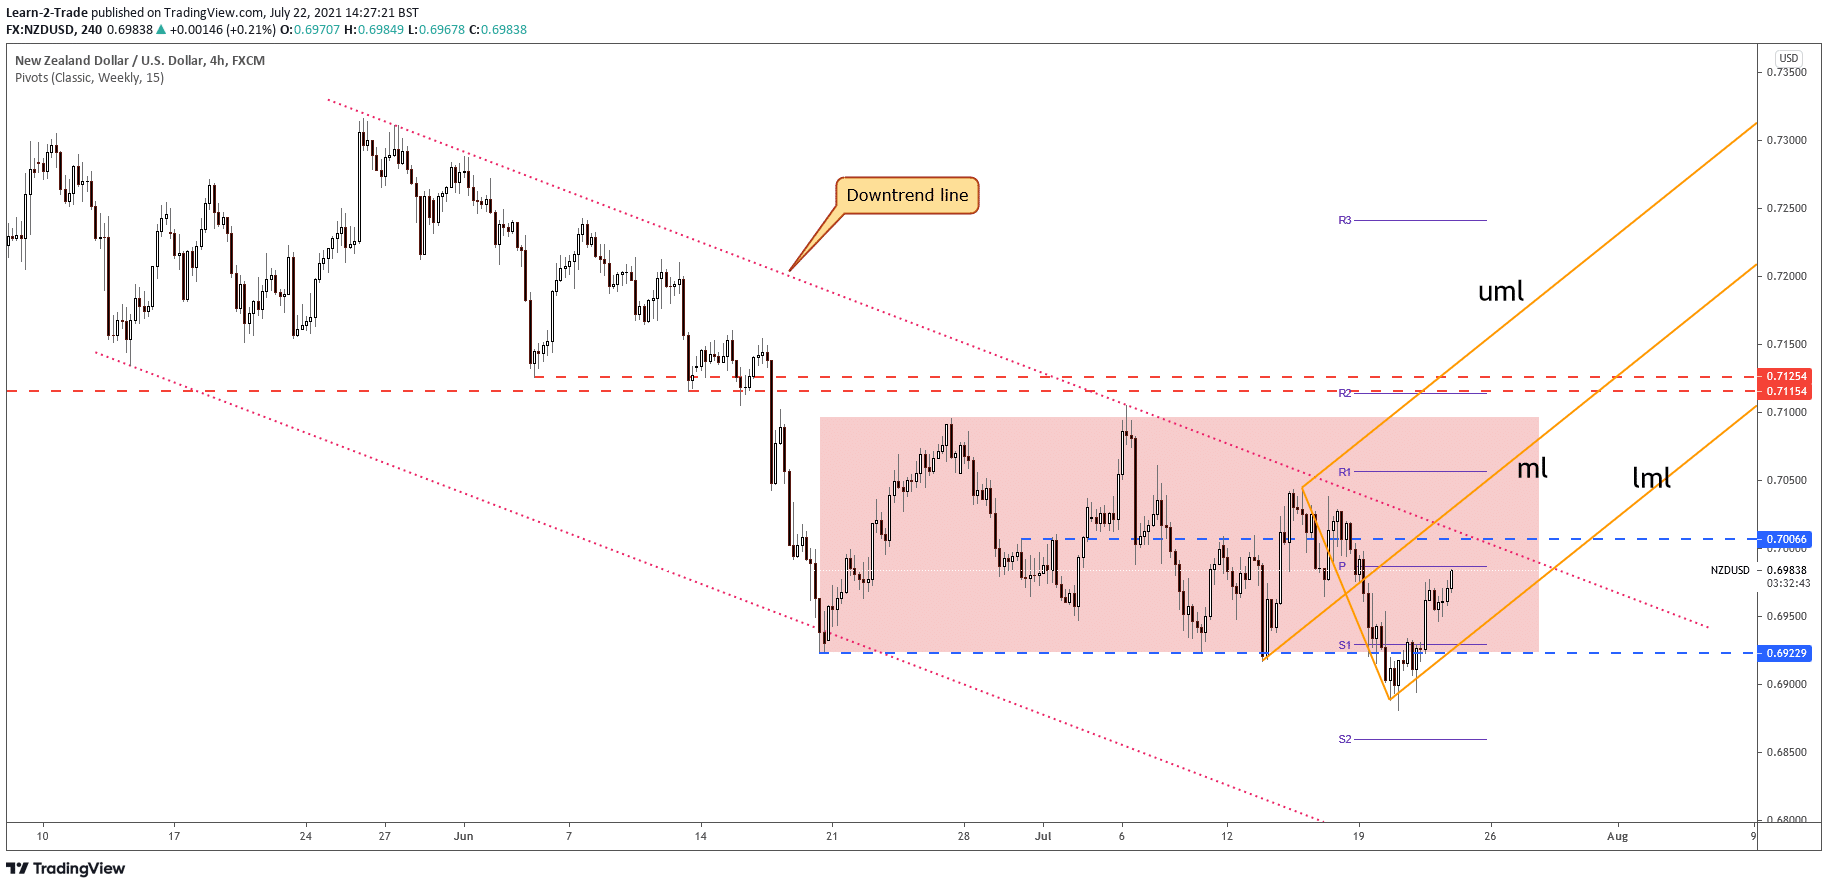 NZD/USD price 4-hour analysis